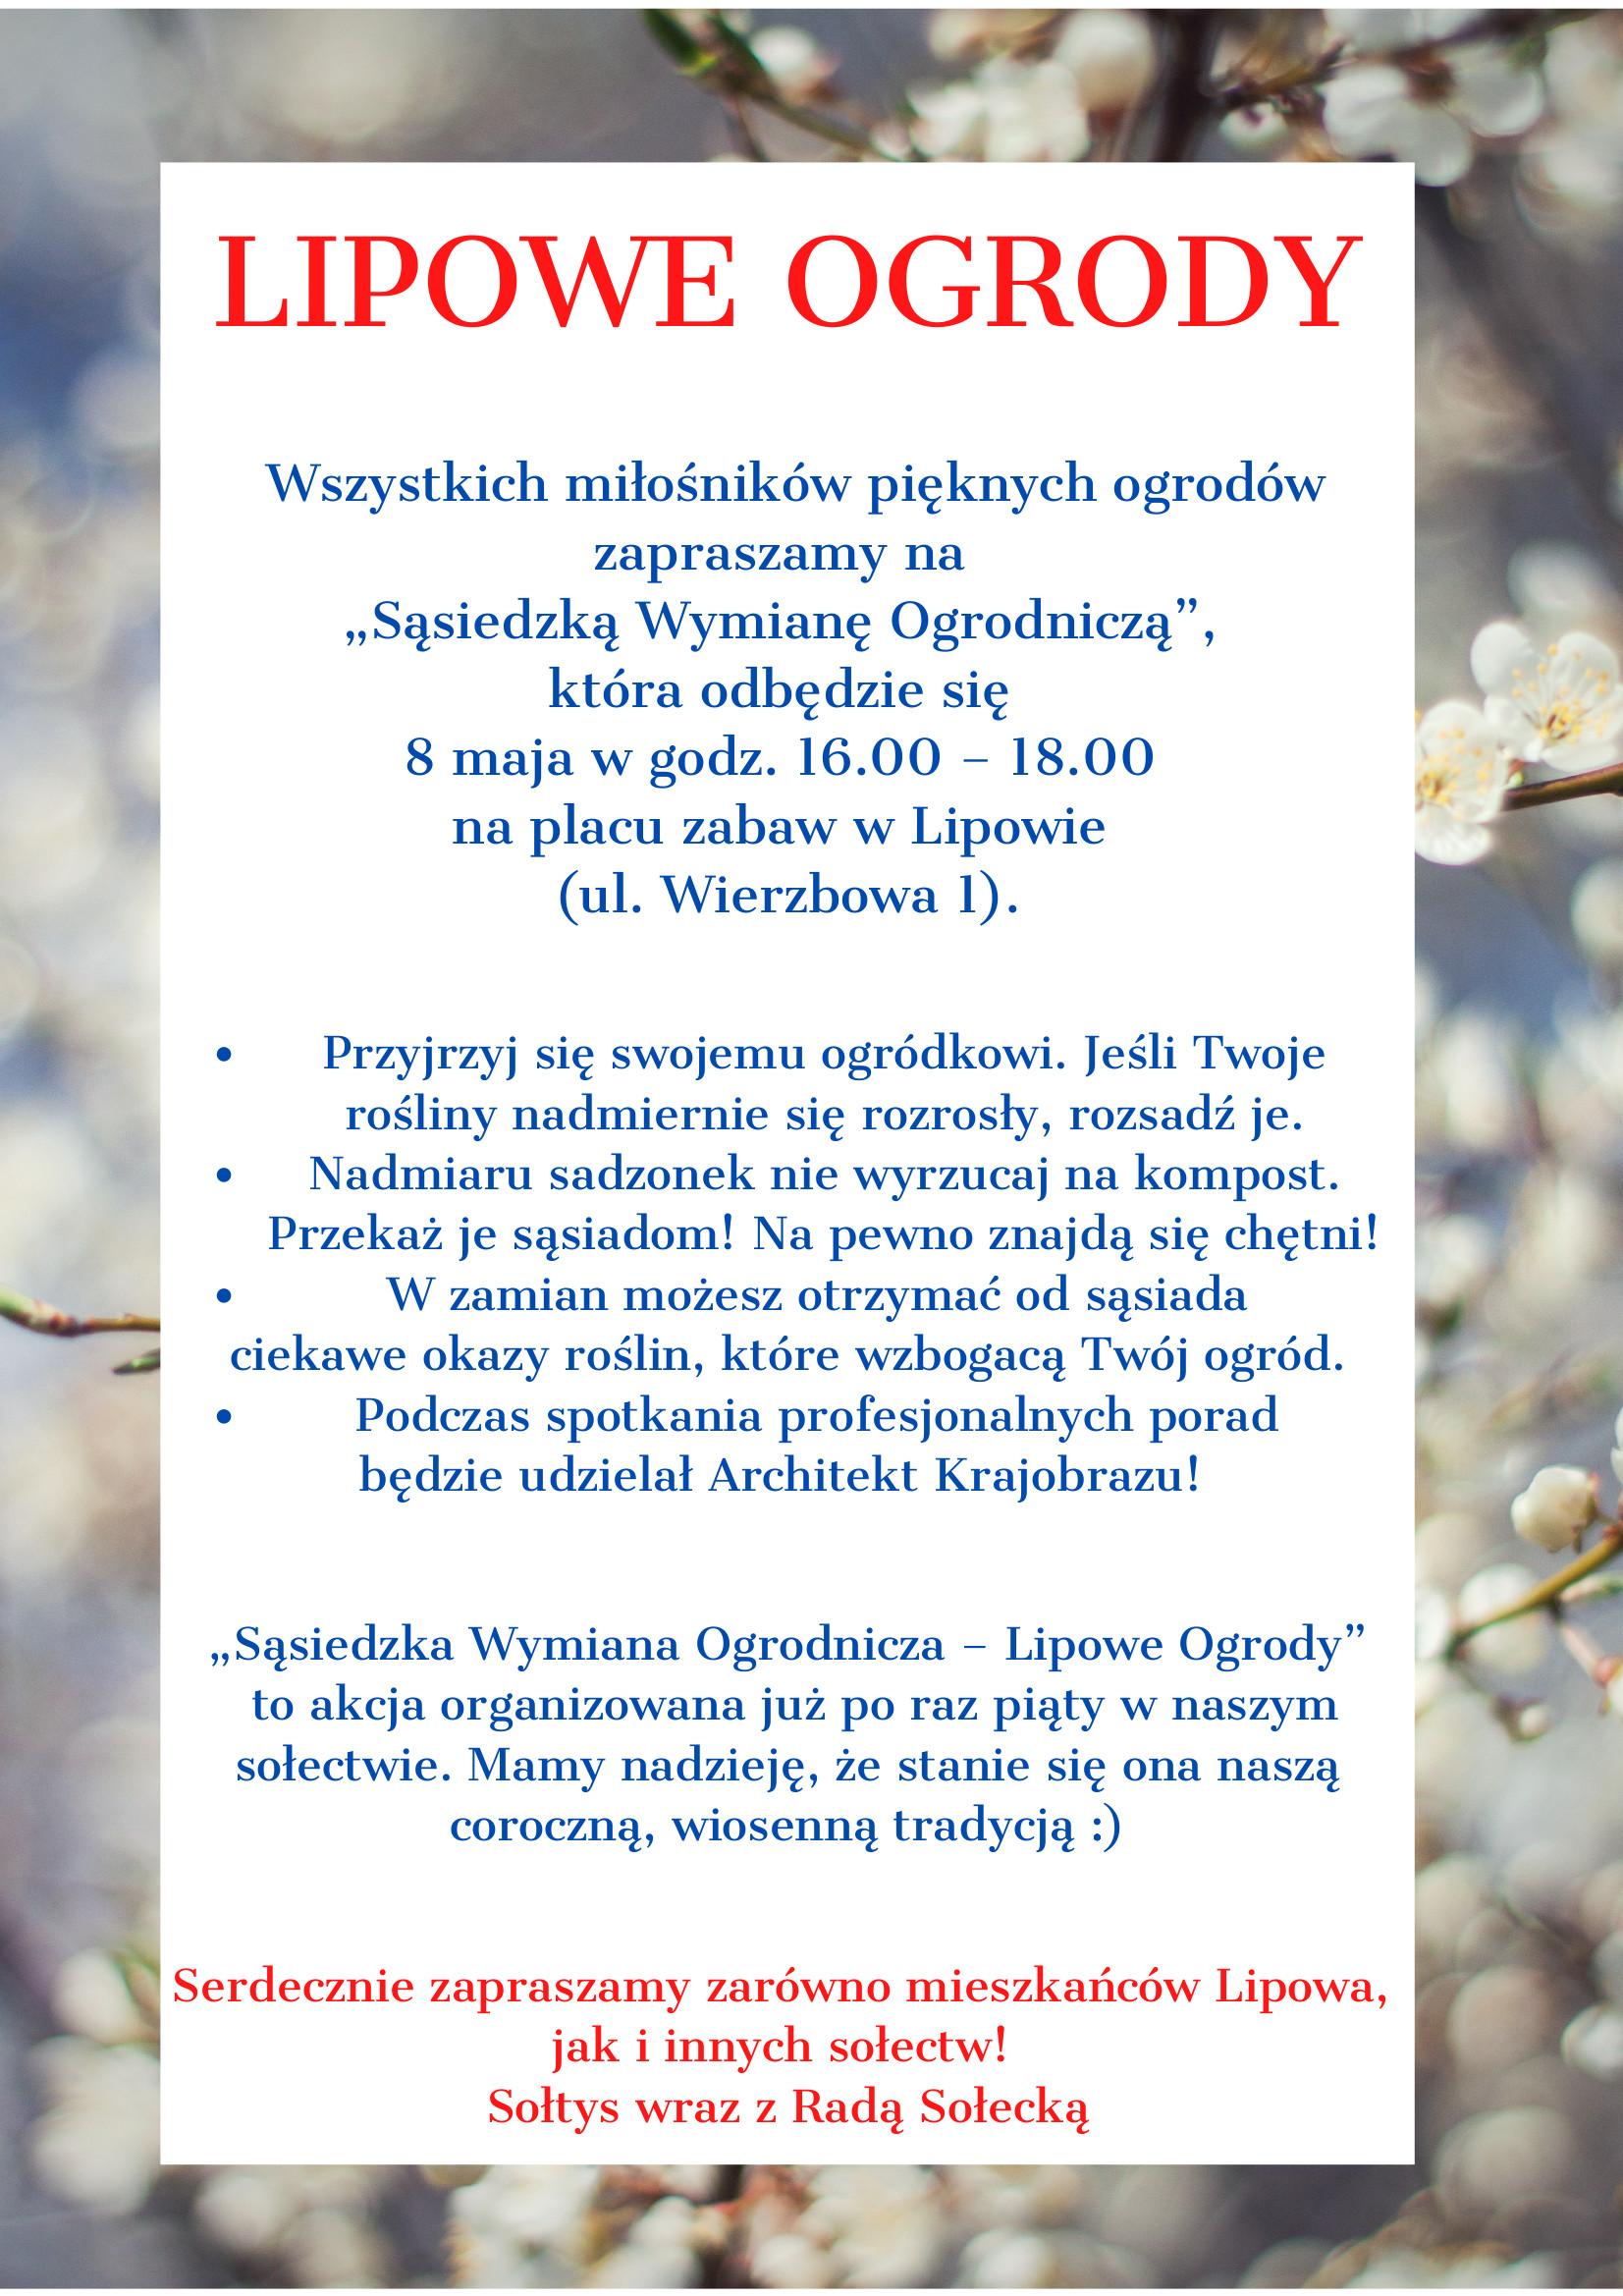 Lipowe Ogrody. Zaproszenie na wymianę roślin pomiędzy mieszkańcami w Lipowie 8 maja